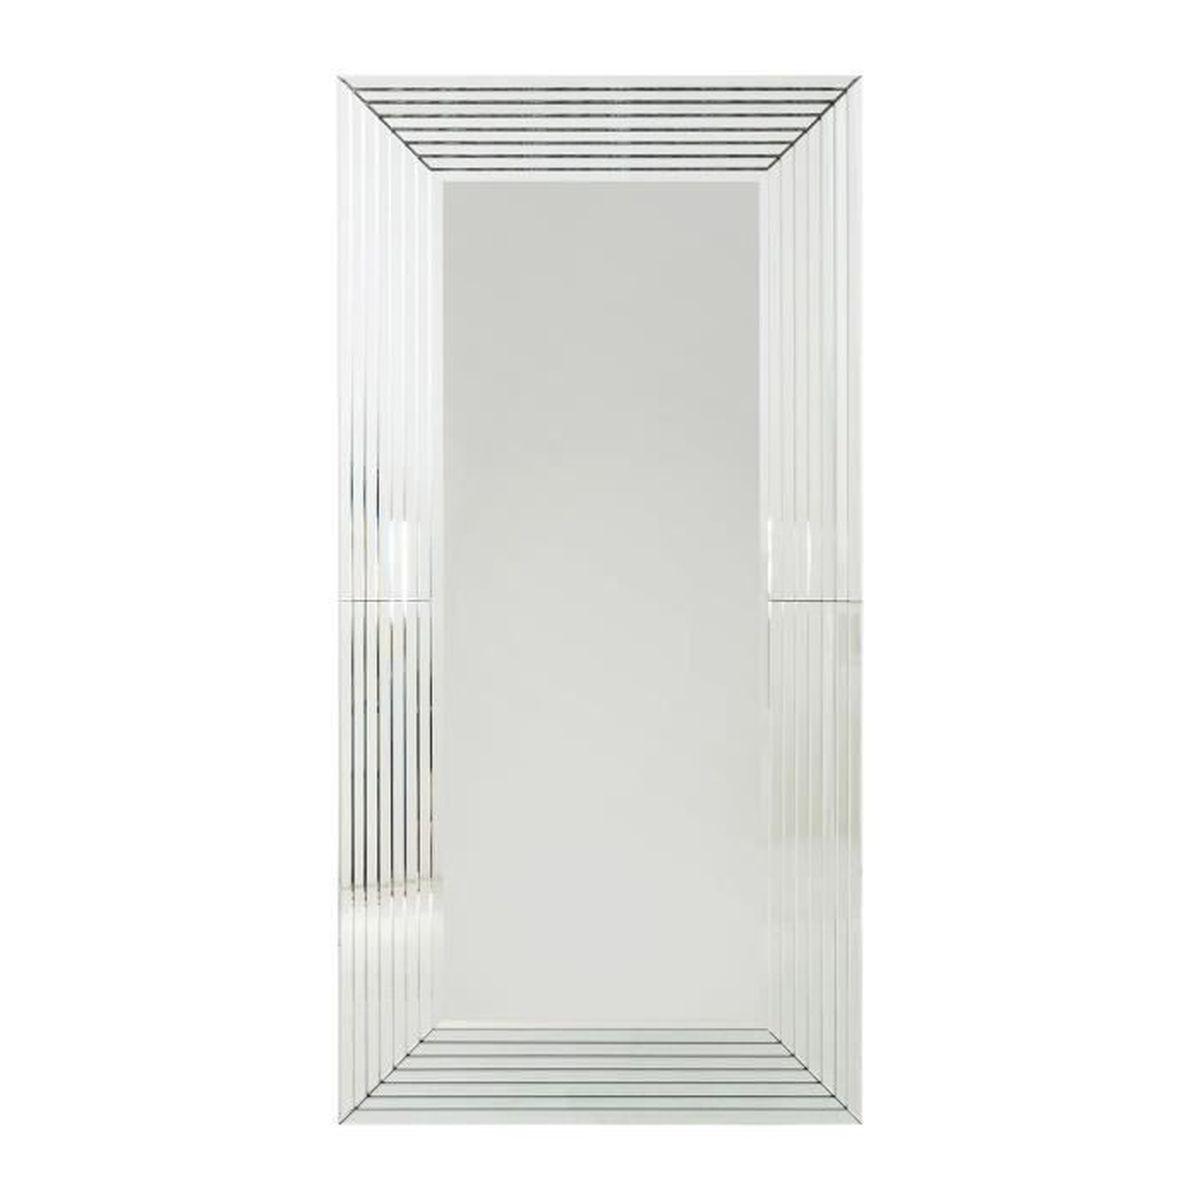 miroir linea 200x100cm kare design achat vente miroir soldes cdiscount. Black Bedroom Furniture Sets. Home Design Ideas